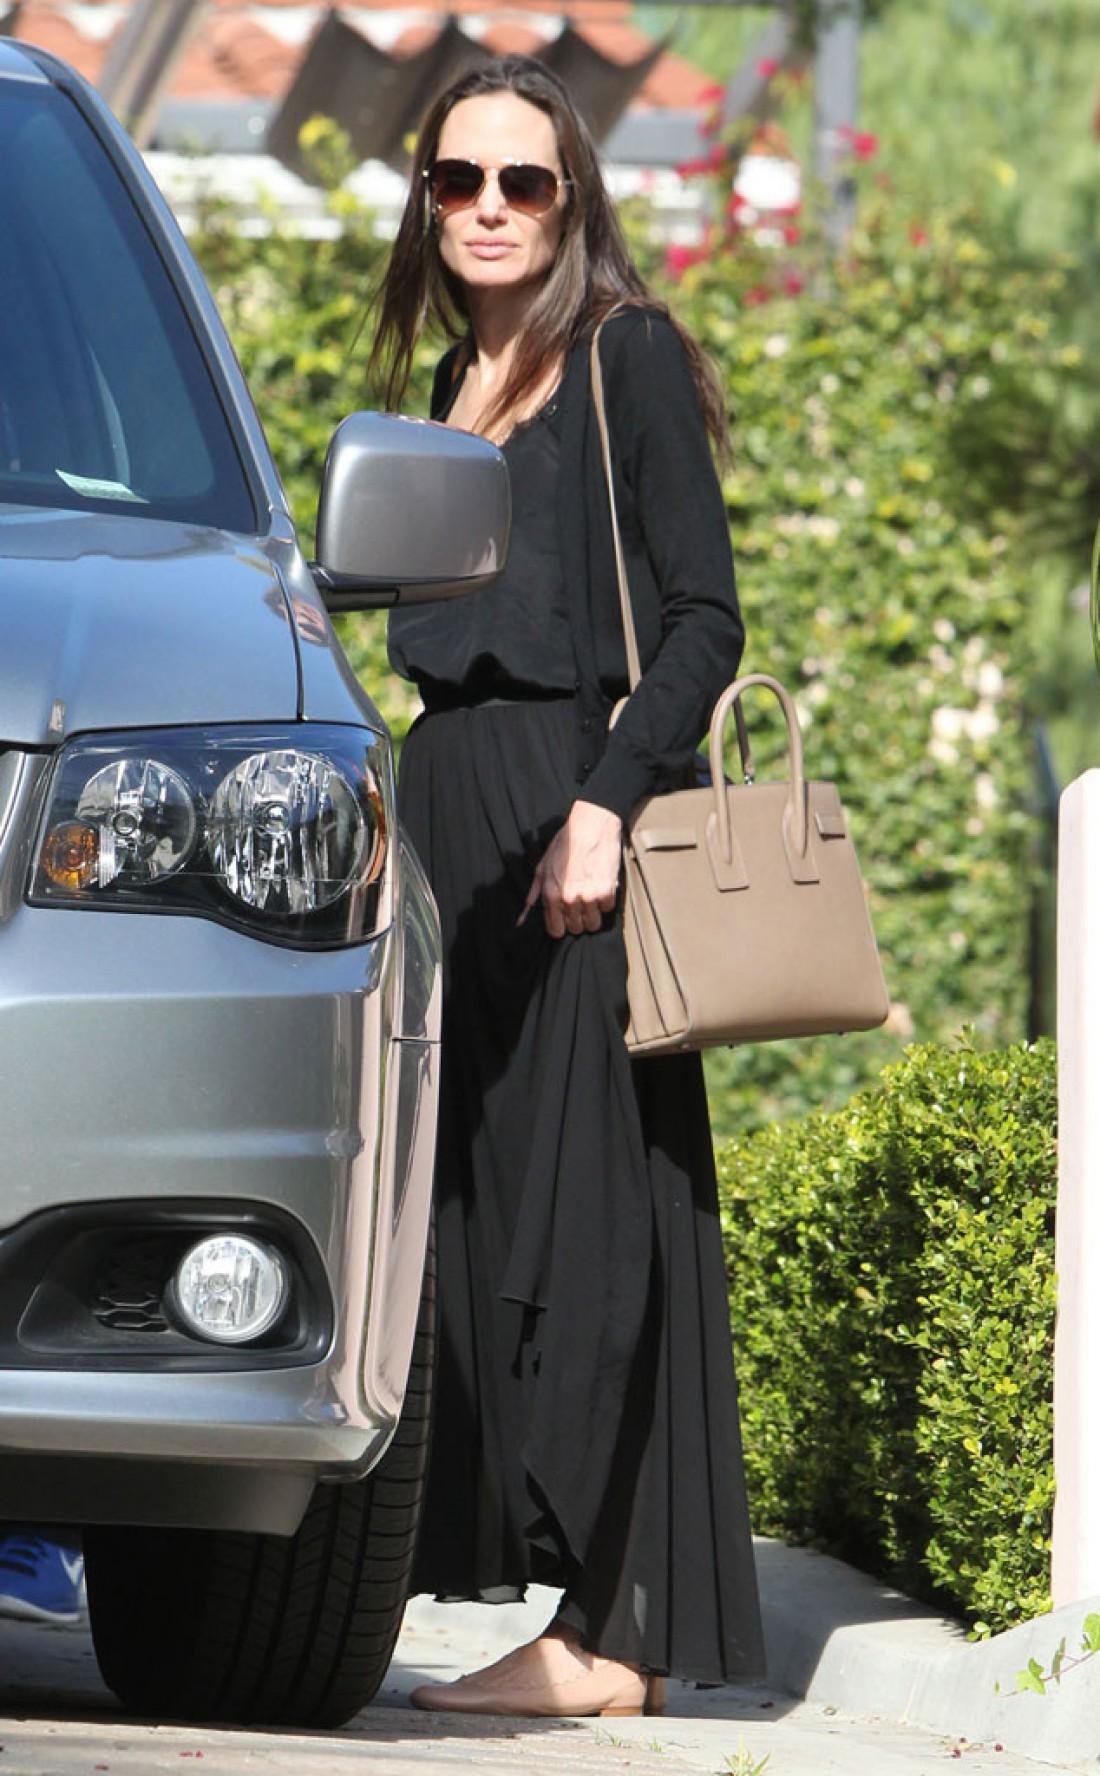 Анджелина Джоли выглядит уставшей из-за проблем на личном фронте